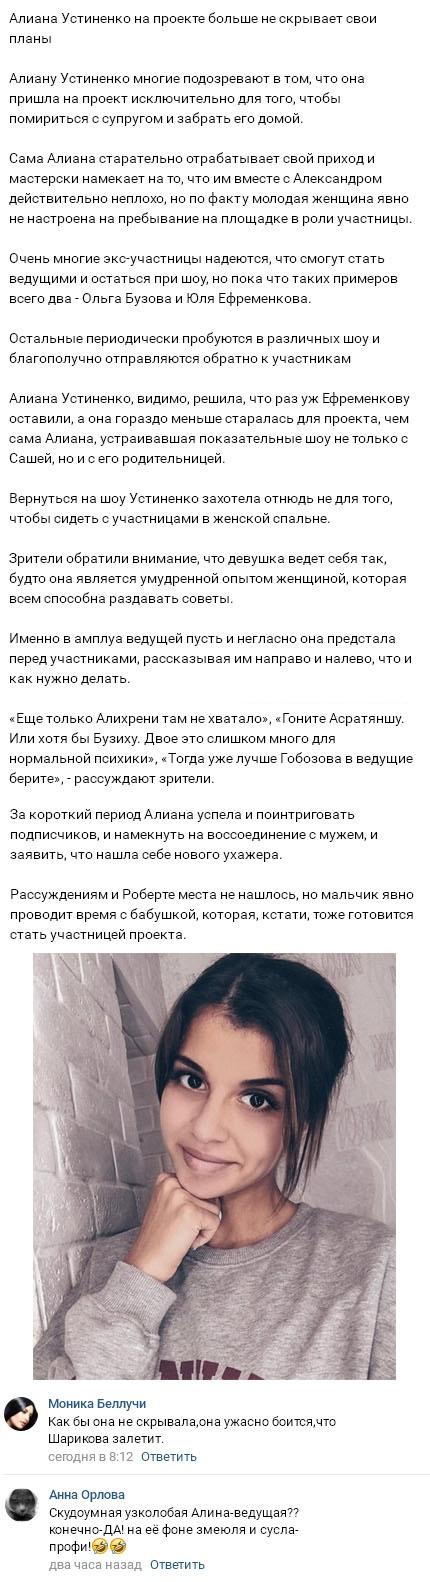 Алиана Устиненко претендует на место Юлии Ефременковой